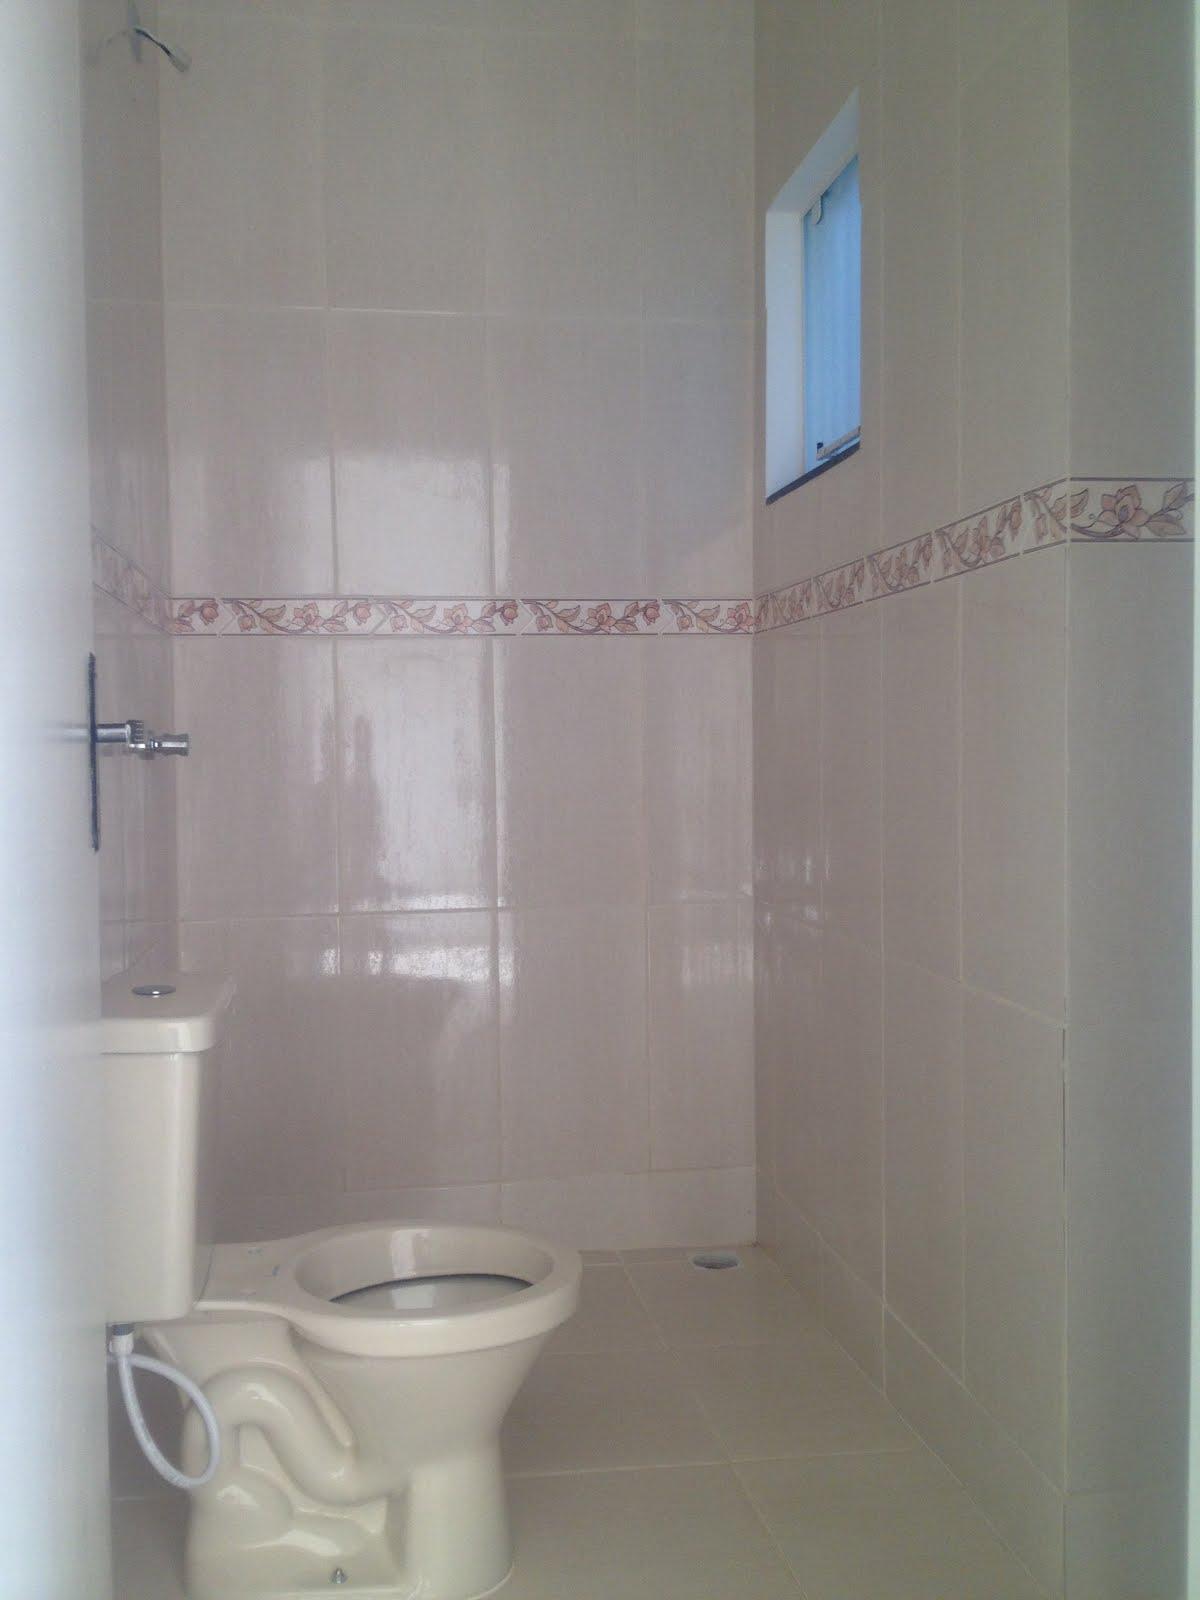 Unidade 01 Vista vaso sanitário e chuveiro banheiro cerâmica de  #4B6480 1200x1600 Altura Ideal Janela Banheiro